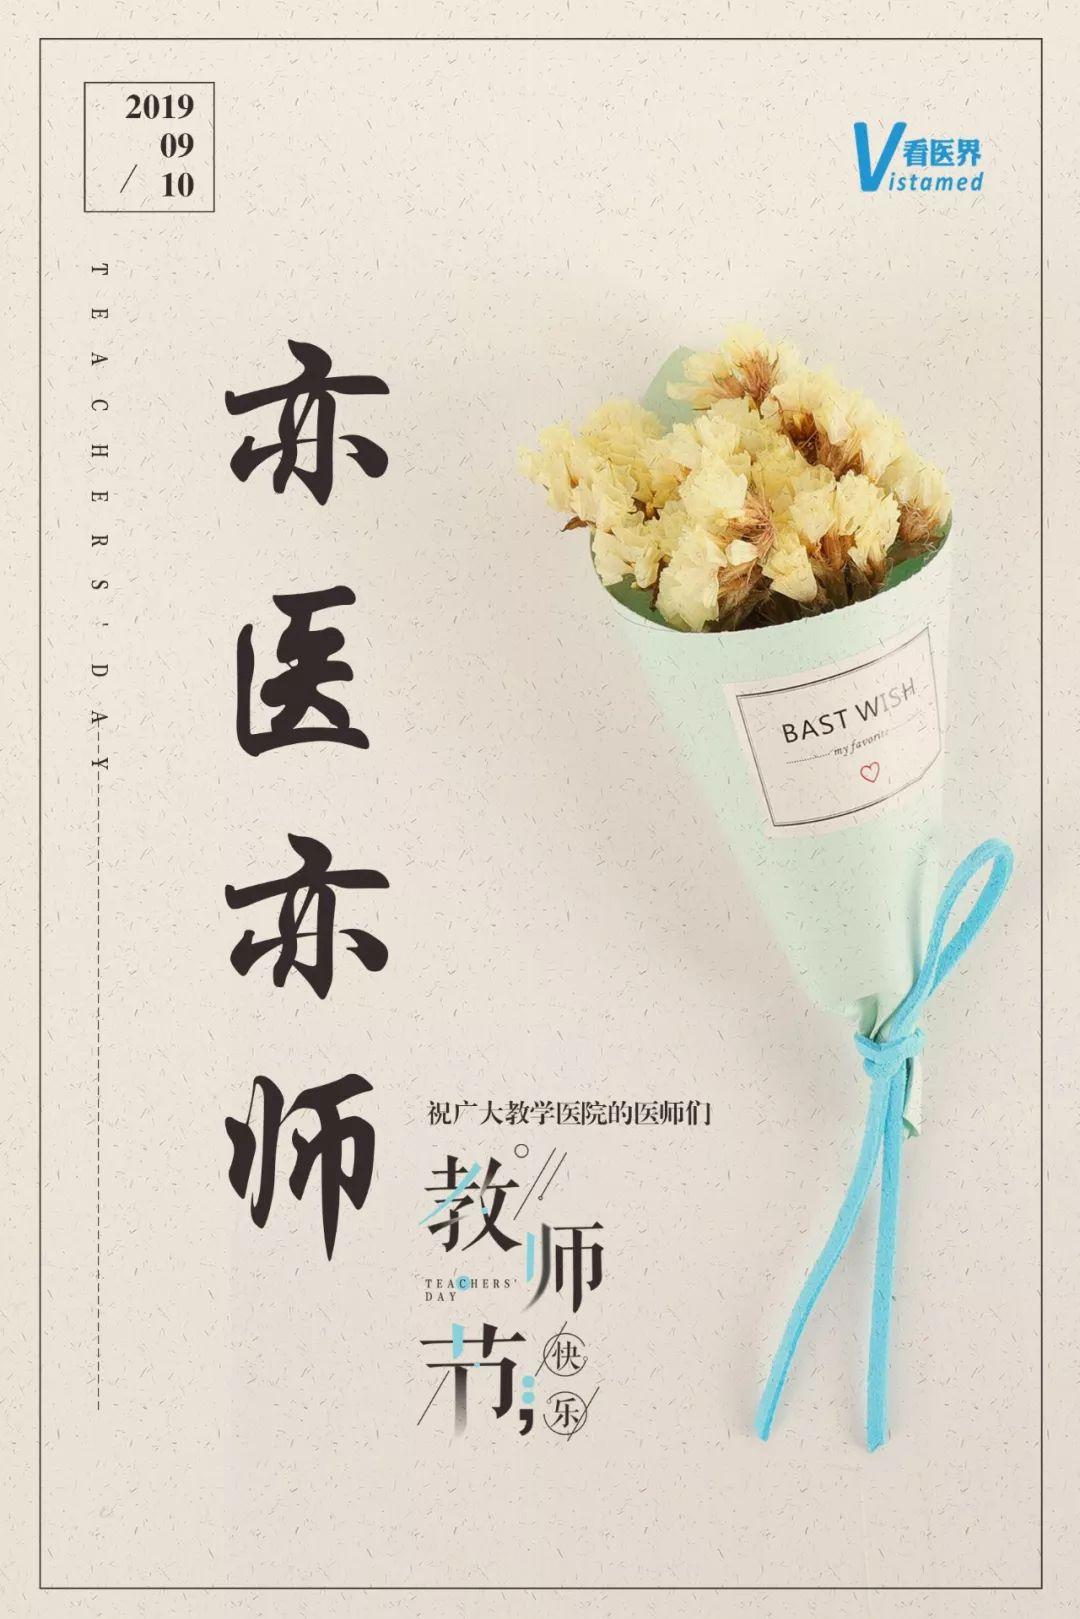 [亦医亦师:祝广大医师们教师节快乐!]祝医师节快乐